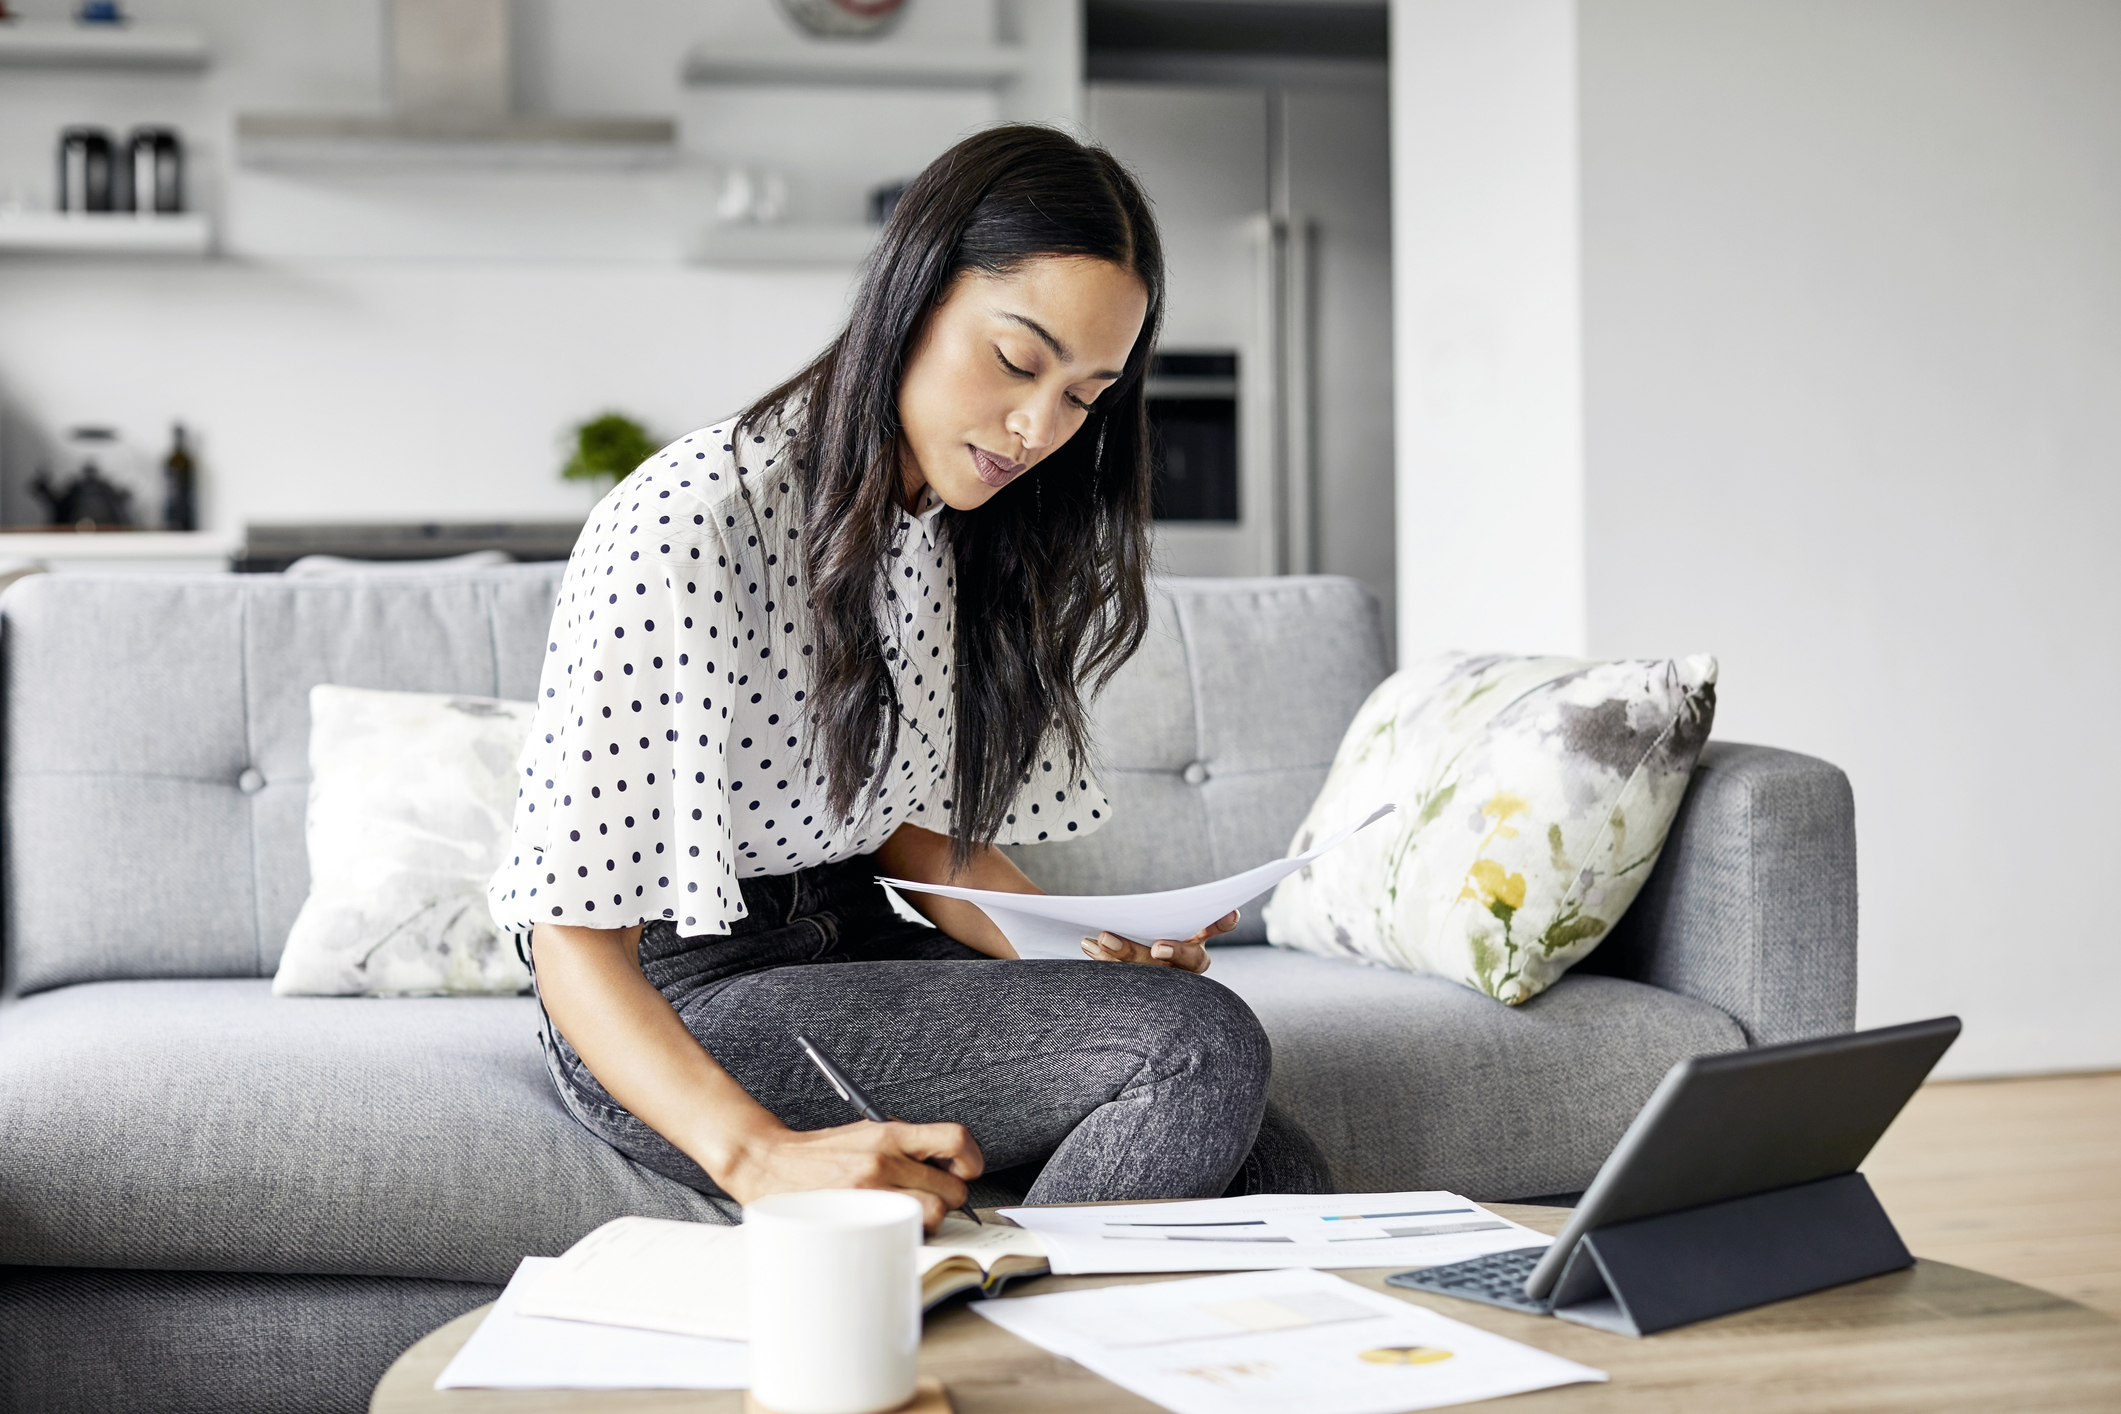 Vrouwen hebben lagere financiële gemoedsrust